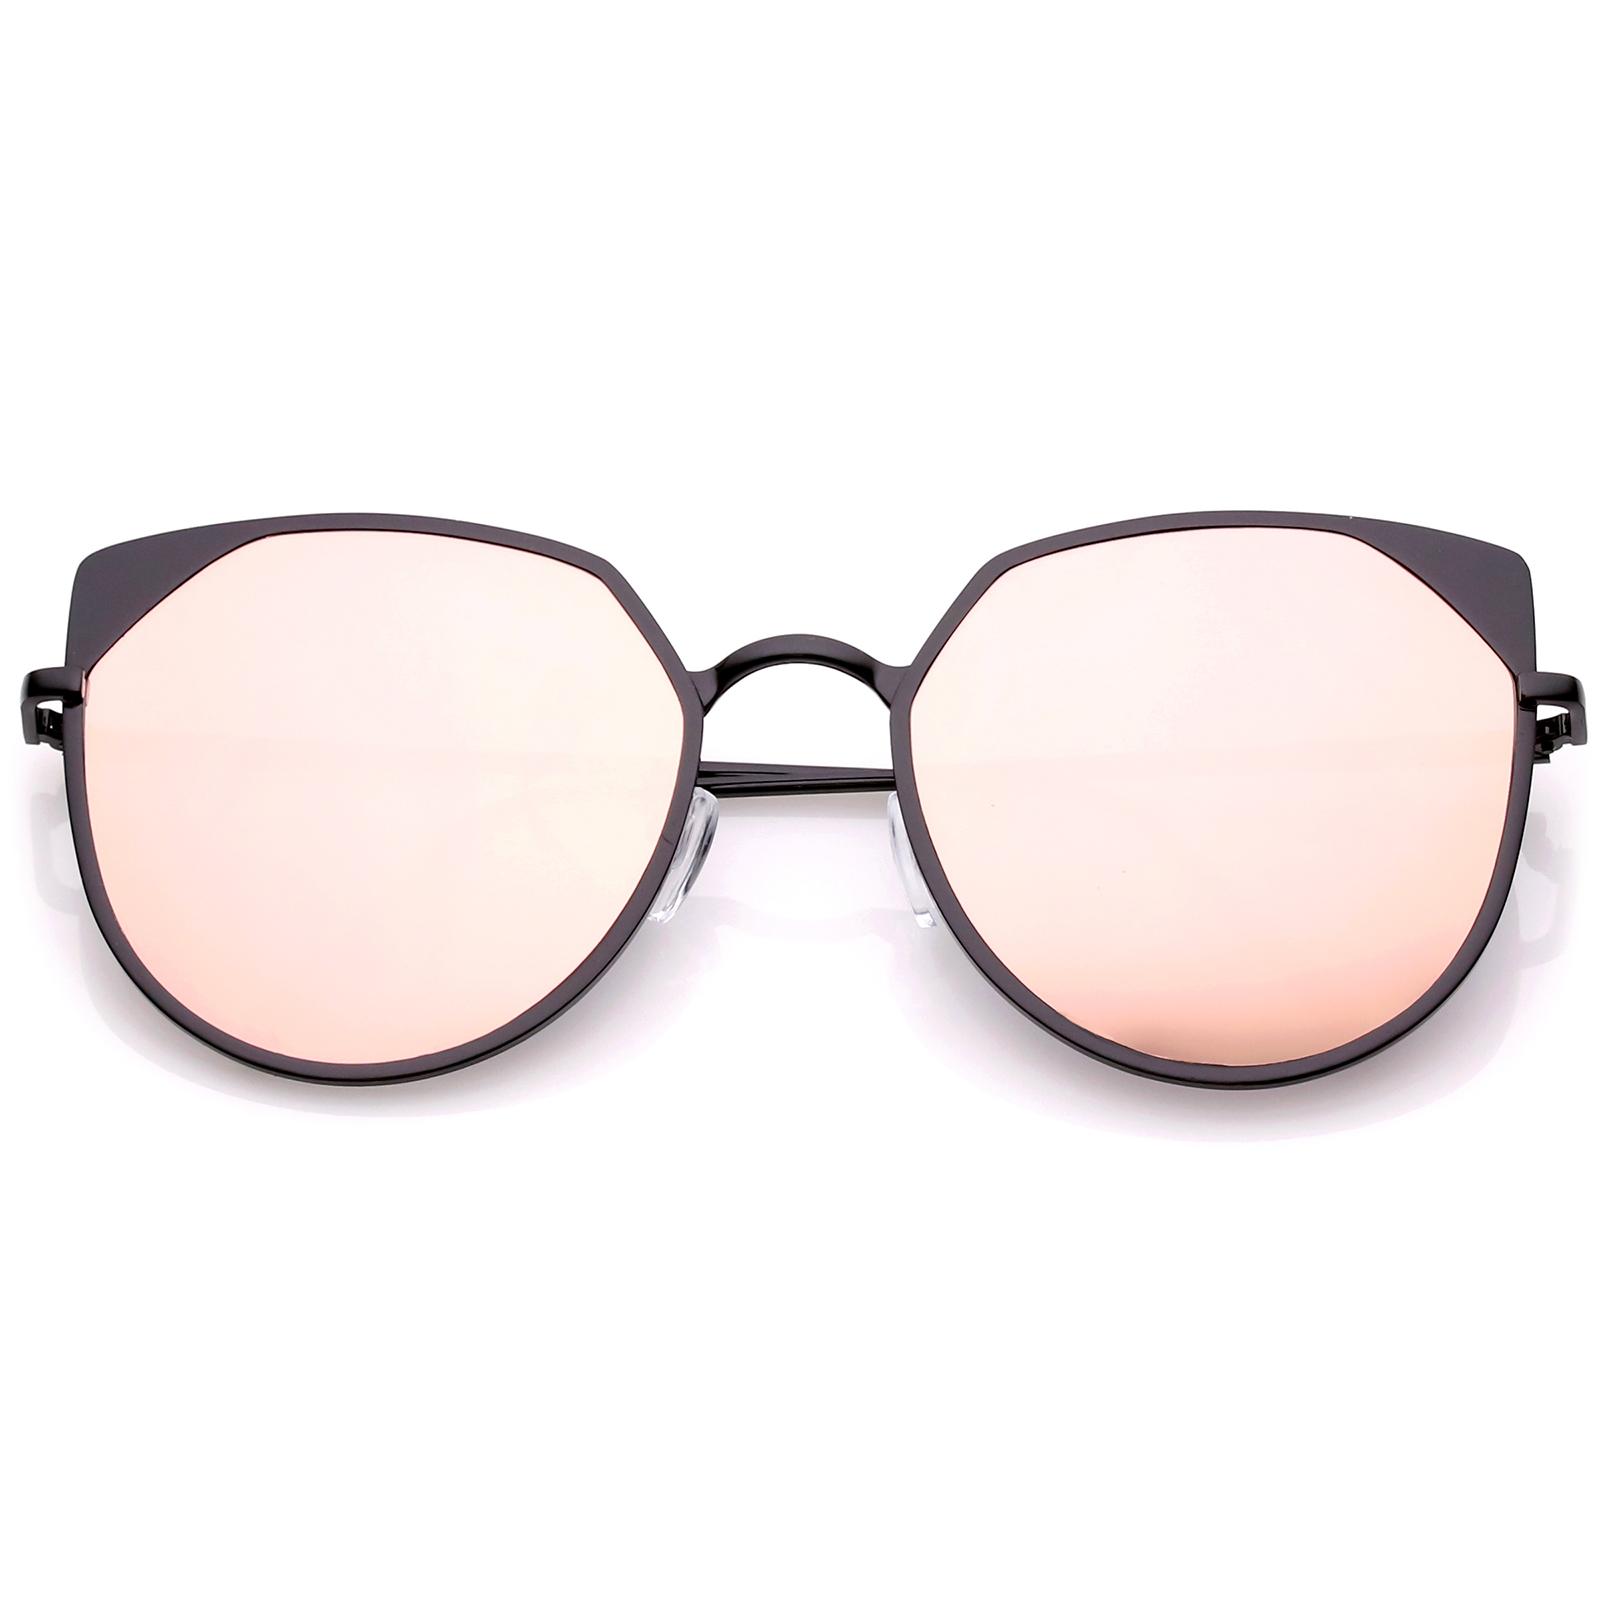 sunglassla berdimensional cat eye sonnenbrille mit pinkfarbener spiegel ebay. Black Bedroom Furniture Sets. Home Design Ideas